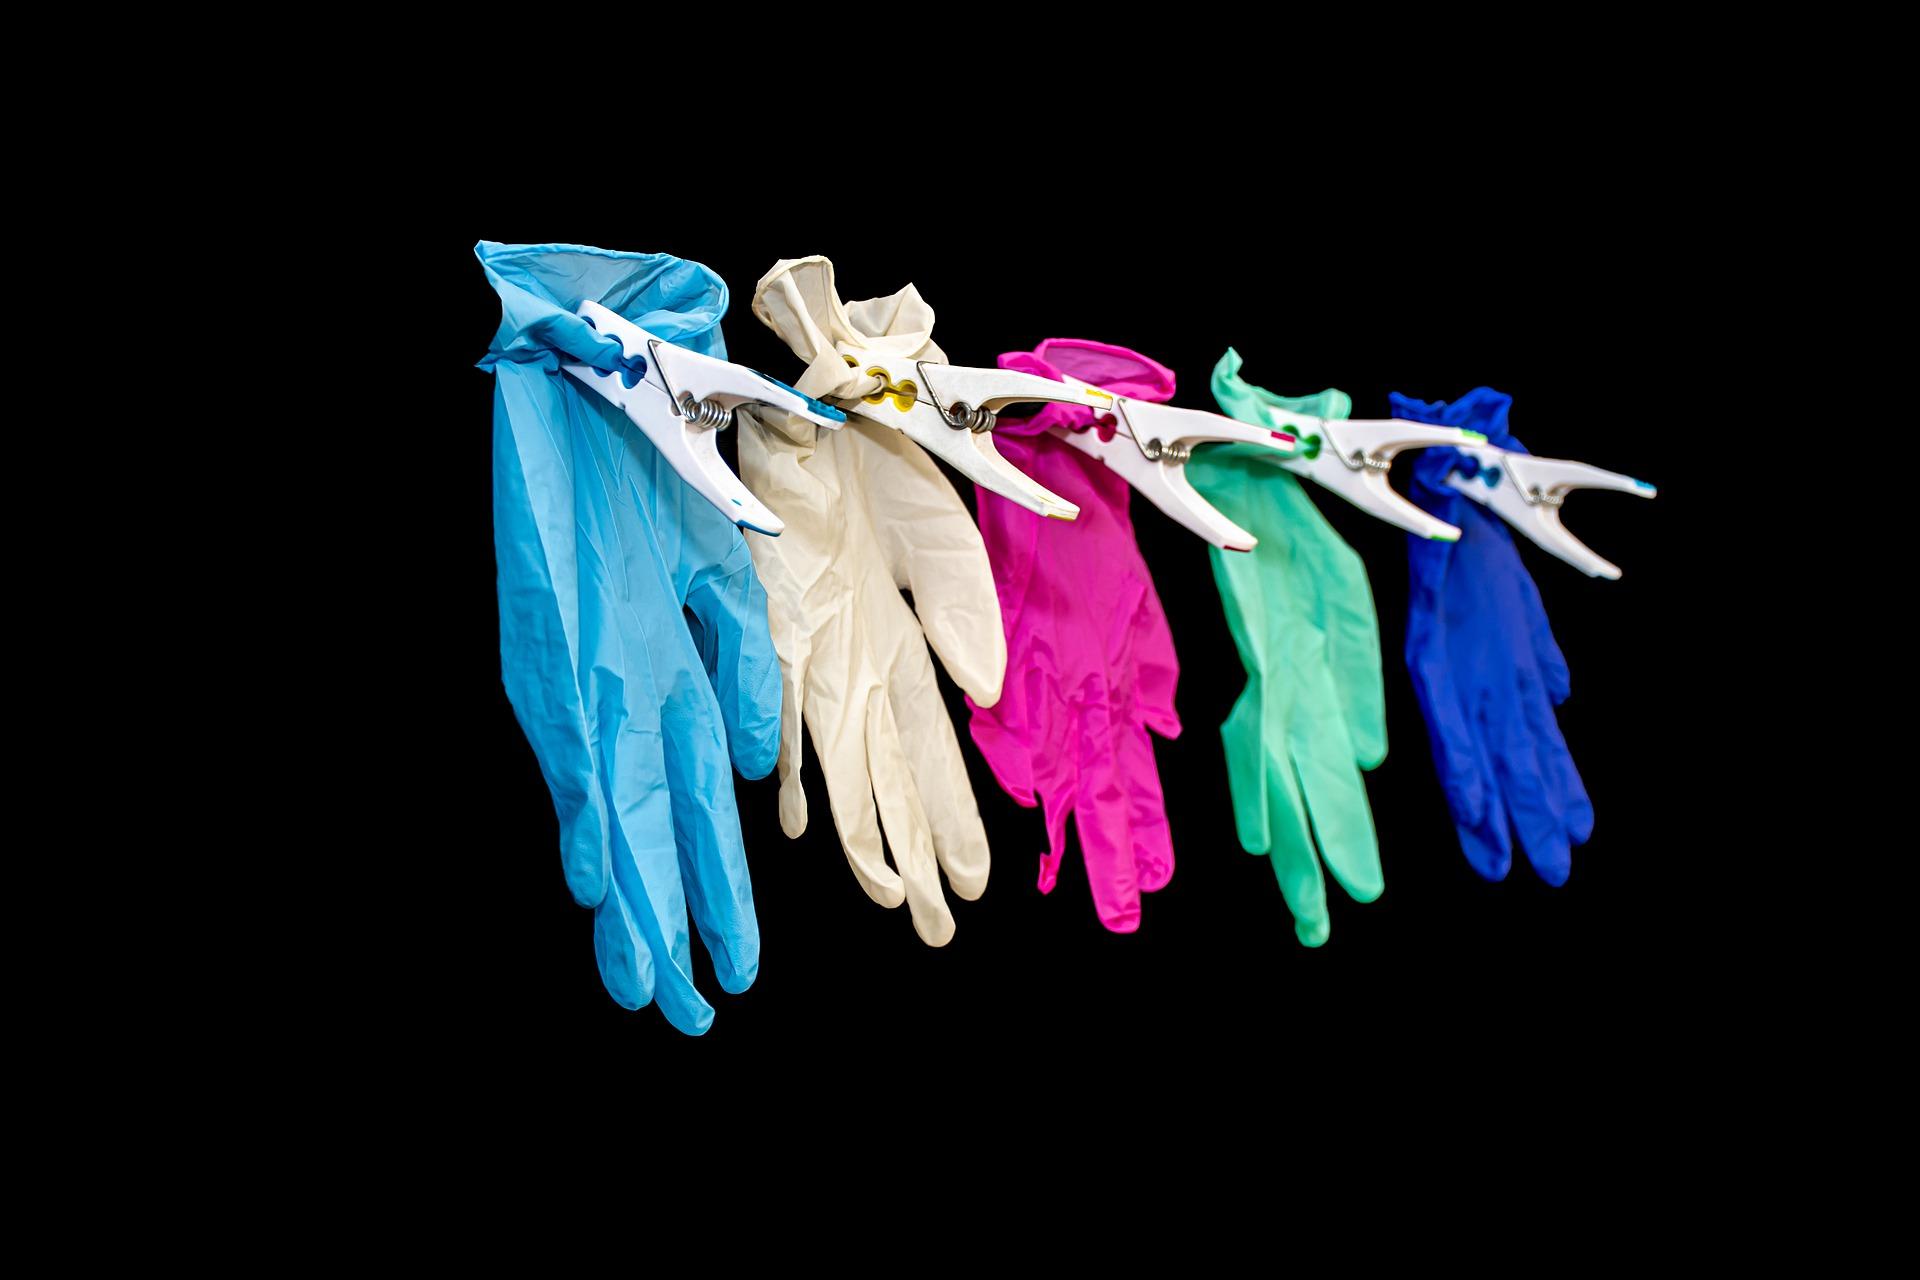 Wegwerphandschoenen: kwaliteit boven prijs bij het kopen van wegwerphandschoenen